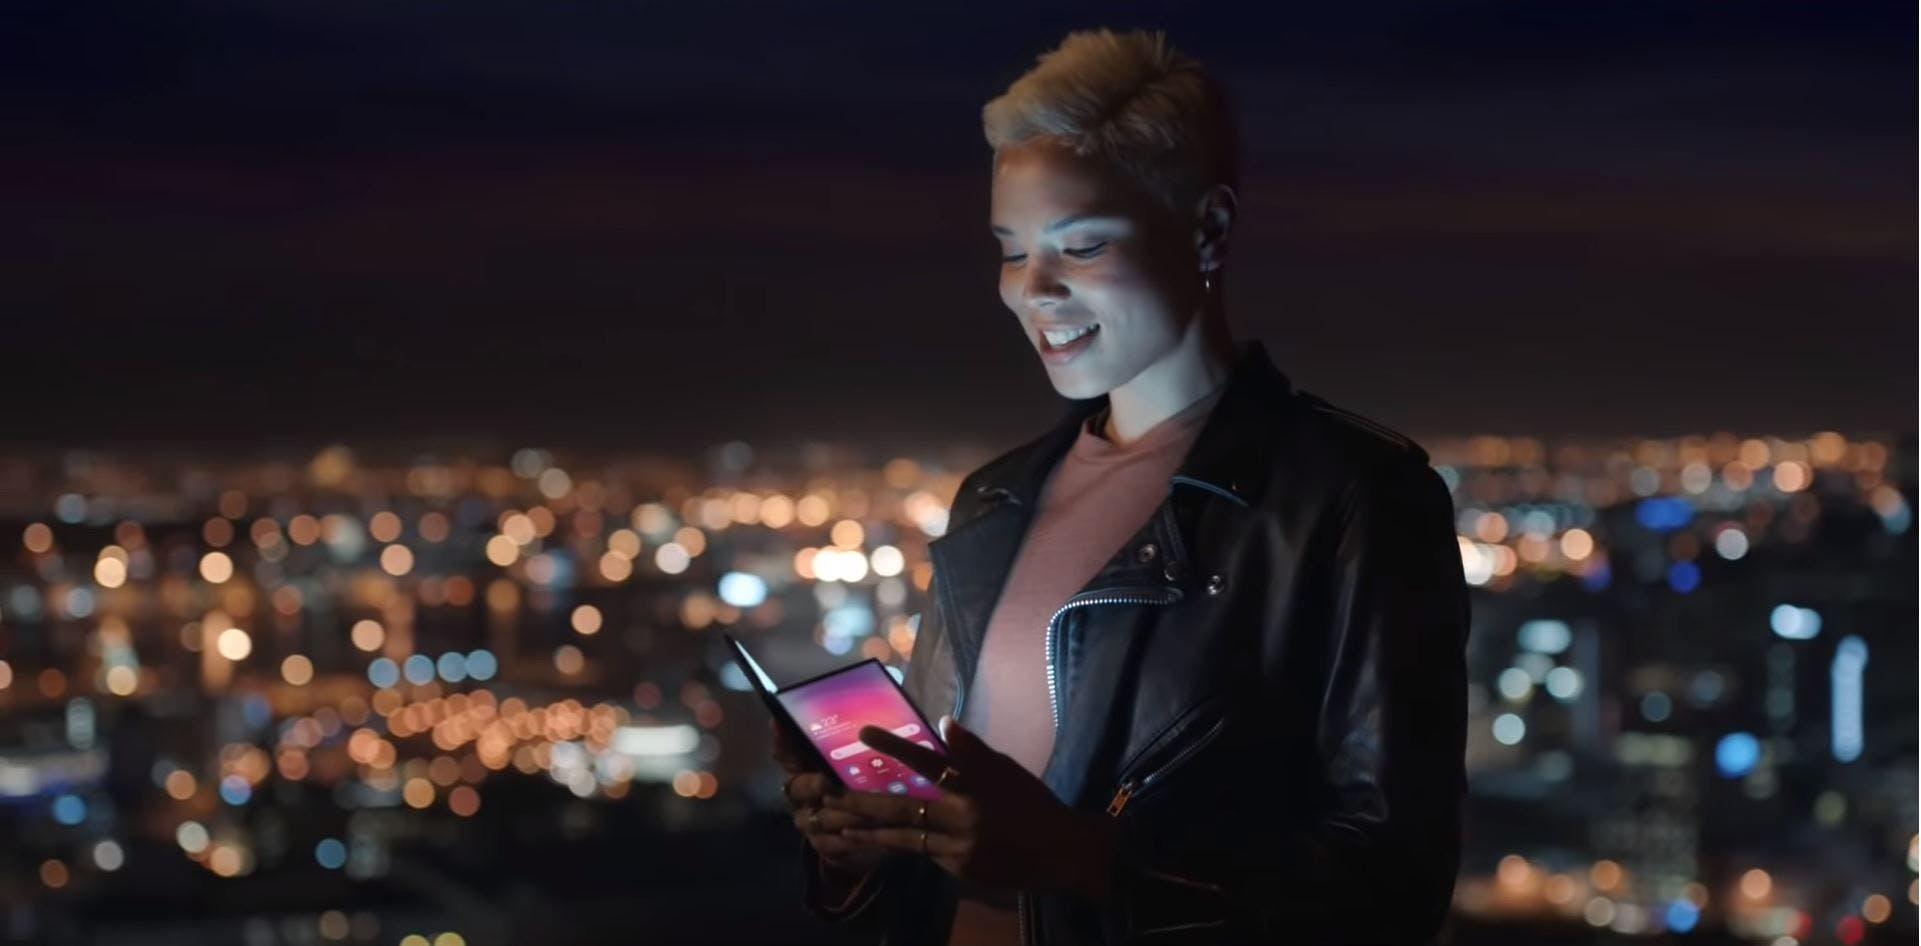 Samsung Galaxy Fold: What Do We Know So Far?